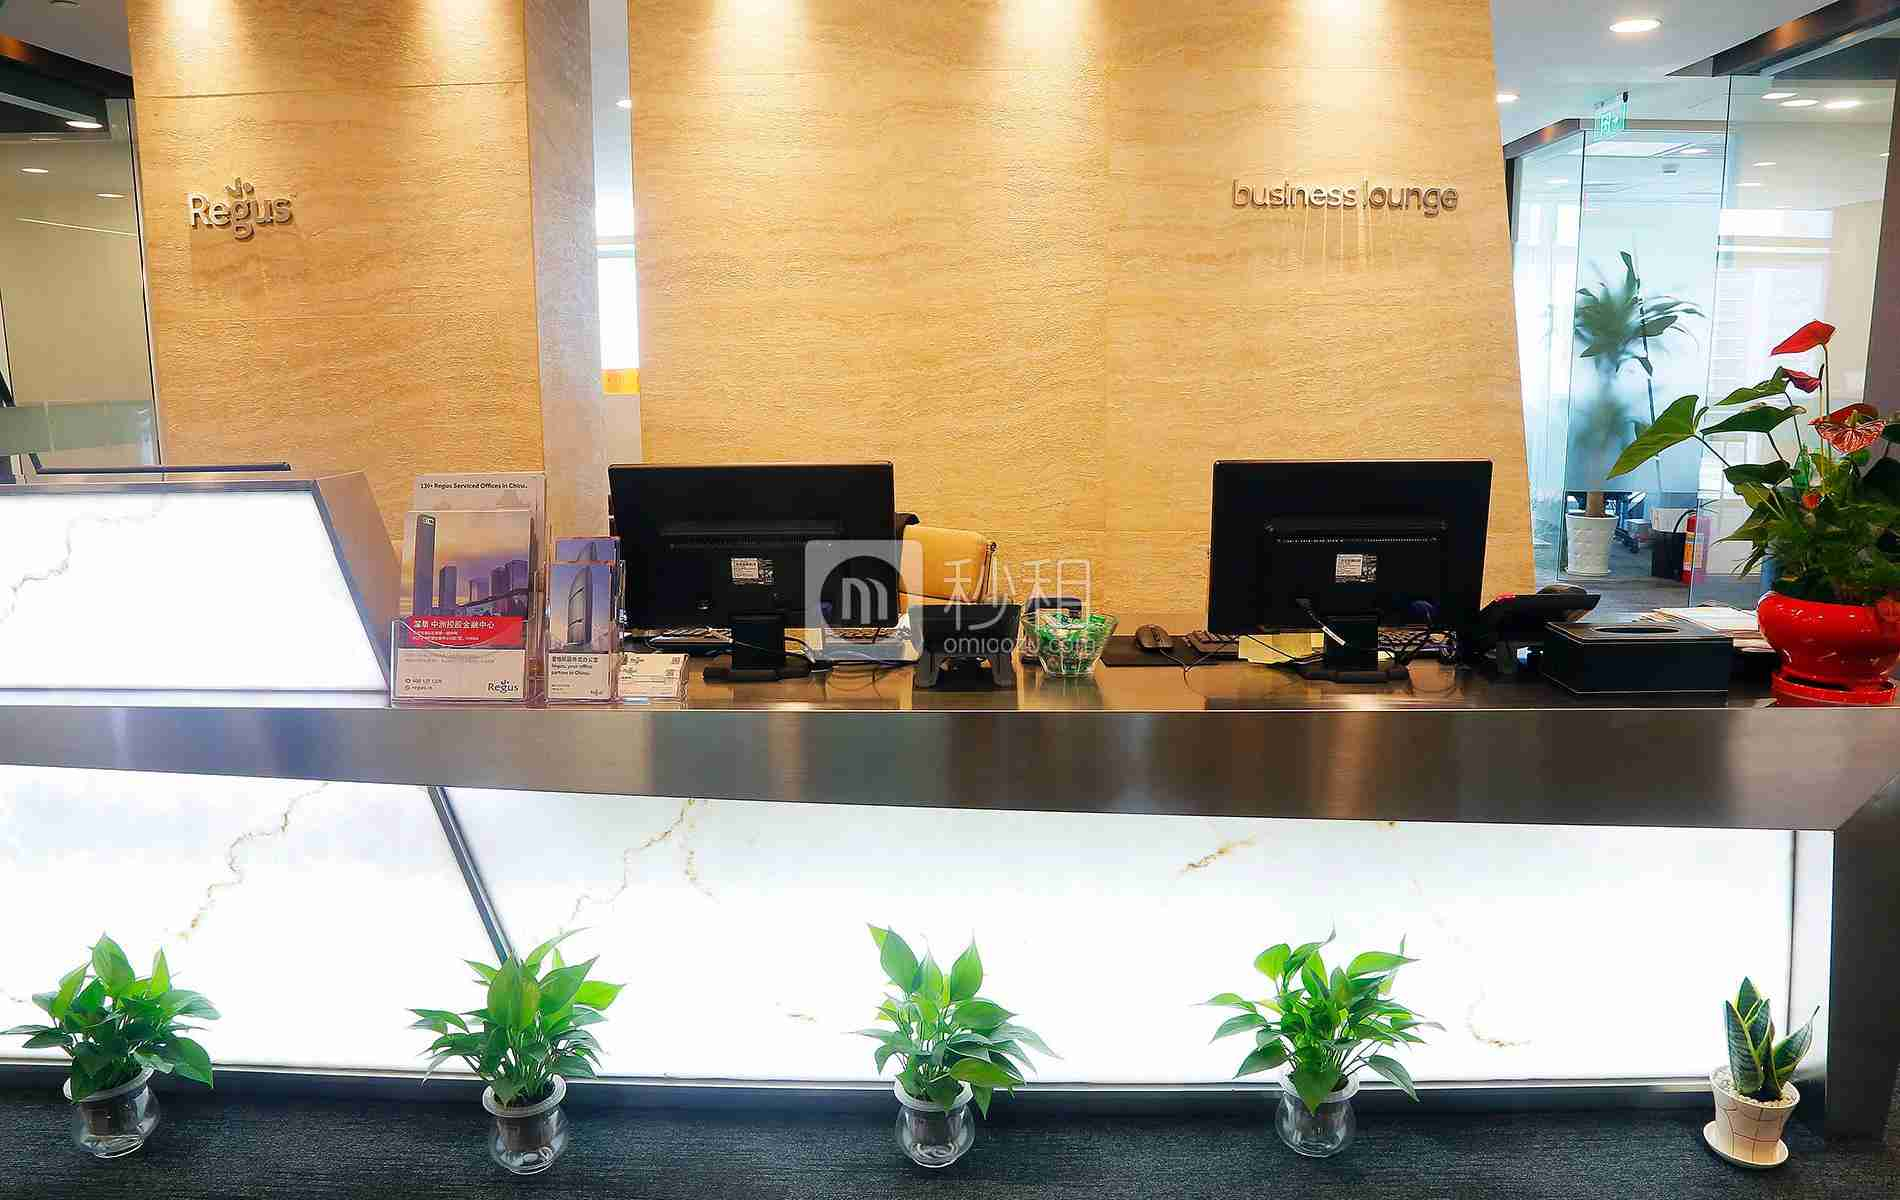 中洲控股中心-雷格斯商务中心